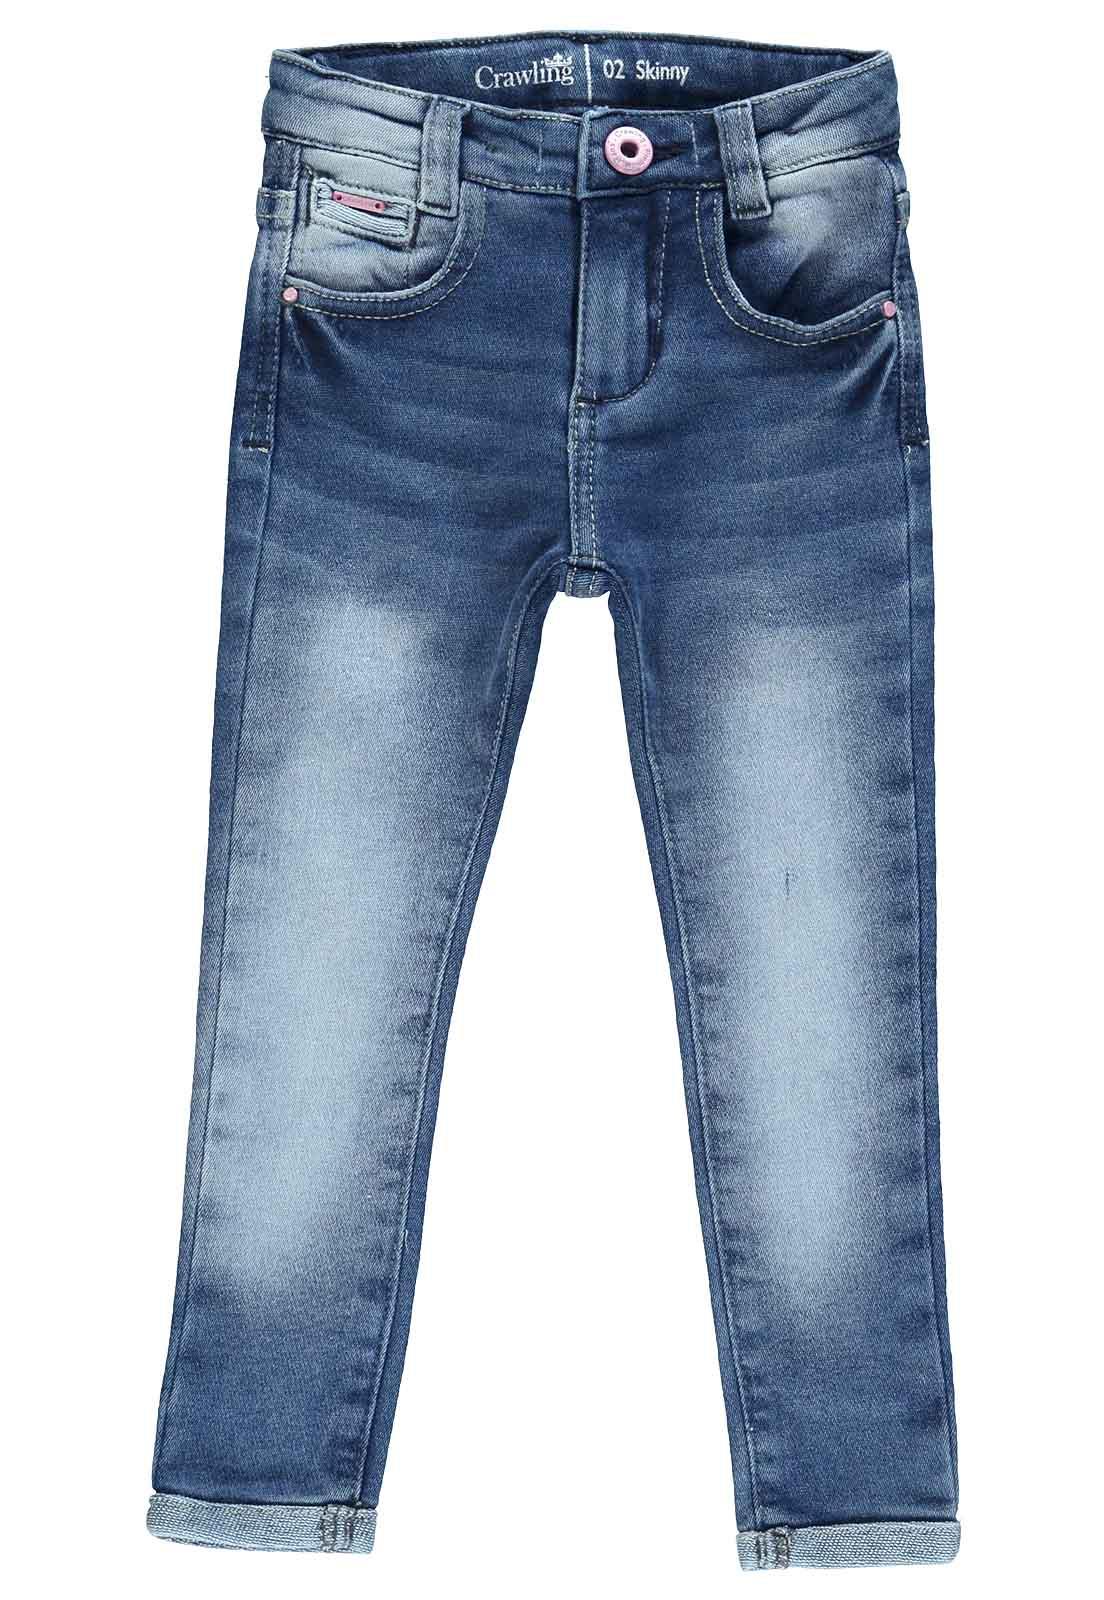 Calça Jeans Moletom Feminina Crawling Skinny Azul